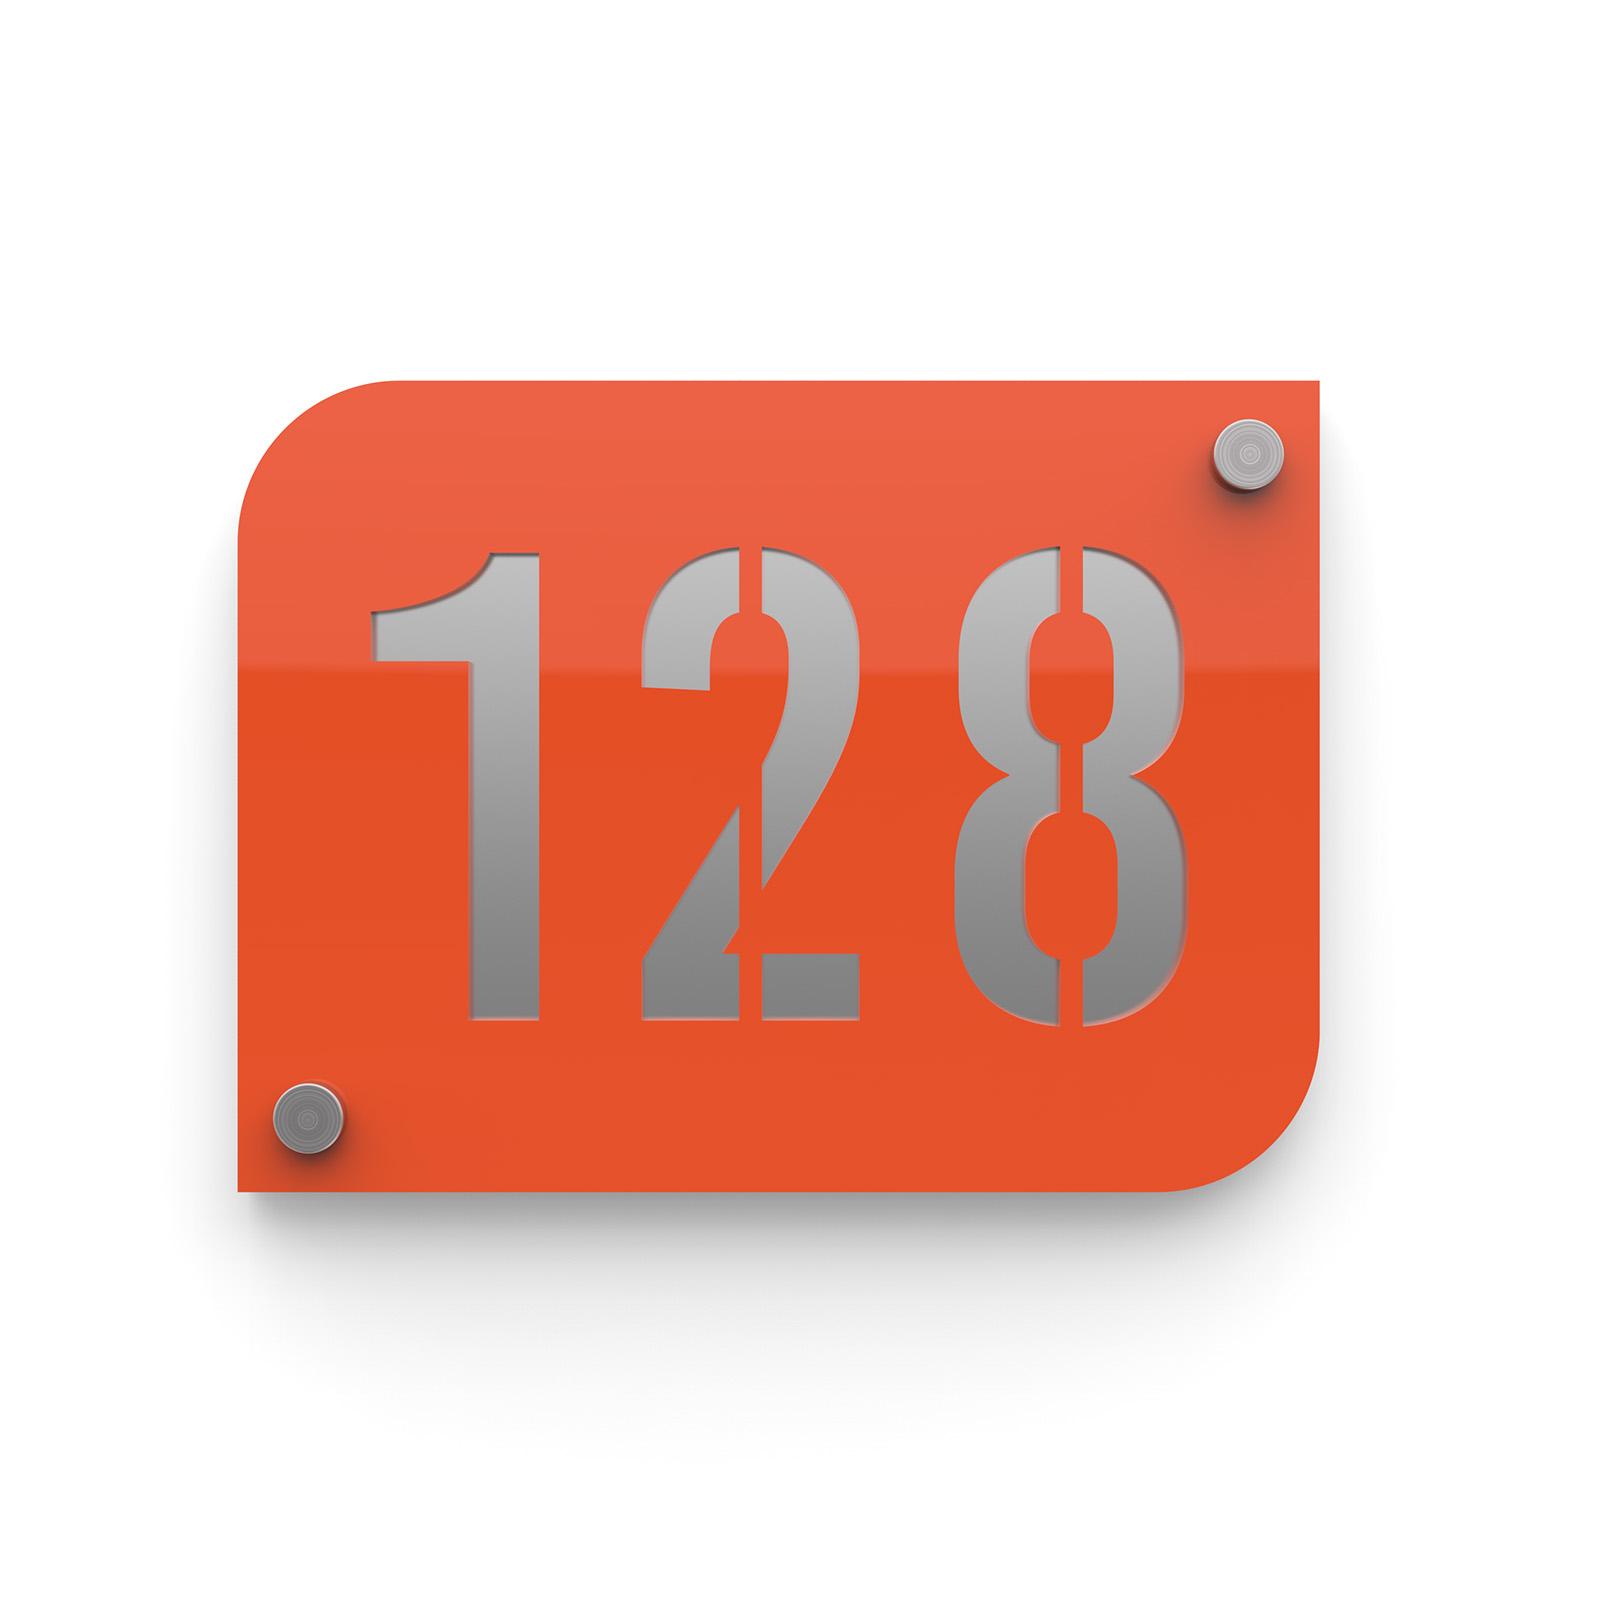 Plaque numéro de rue / maison orange design avec fond personnalisable - Modèle URBAN